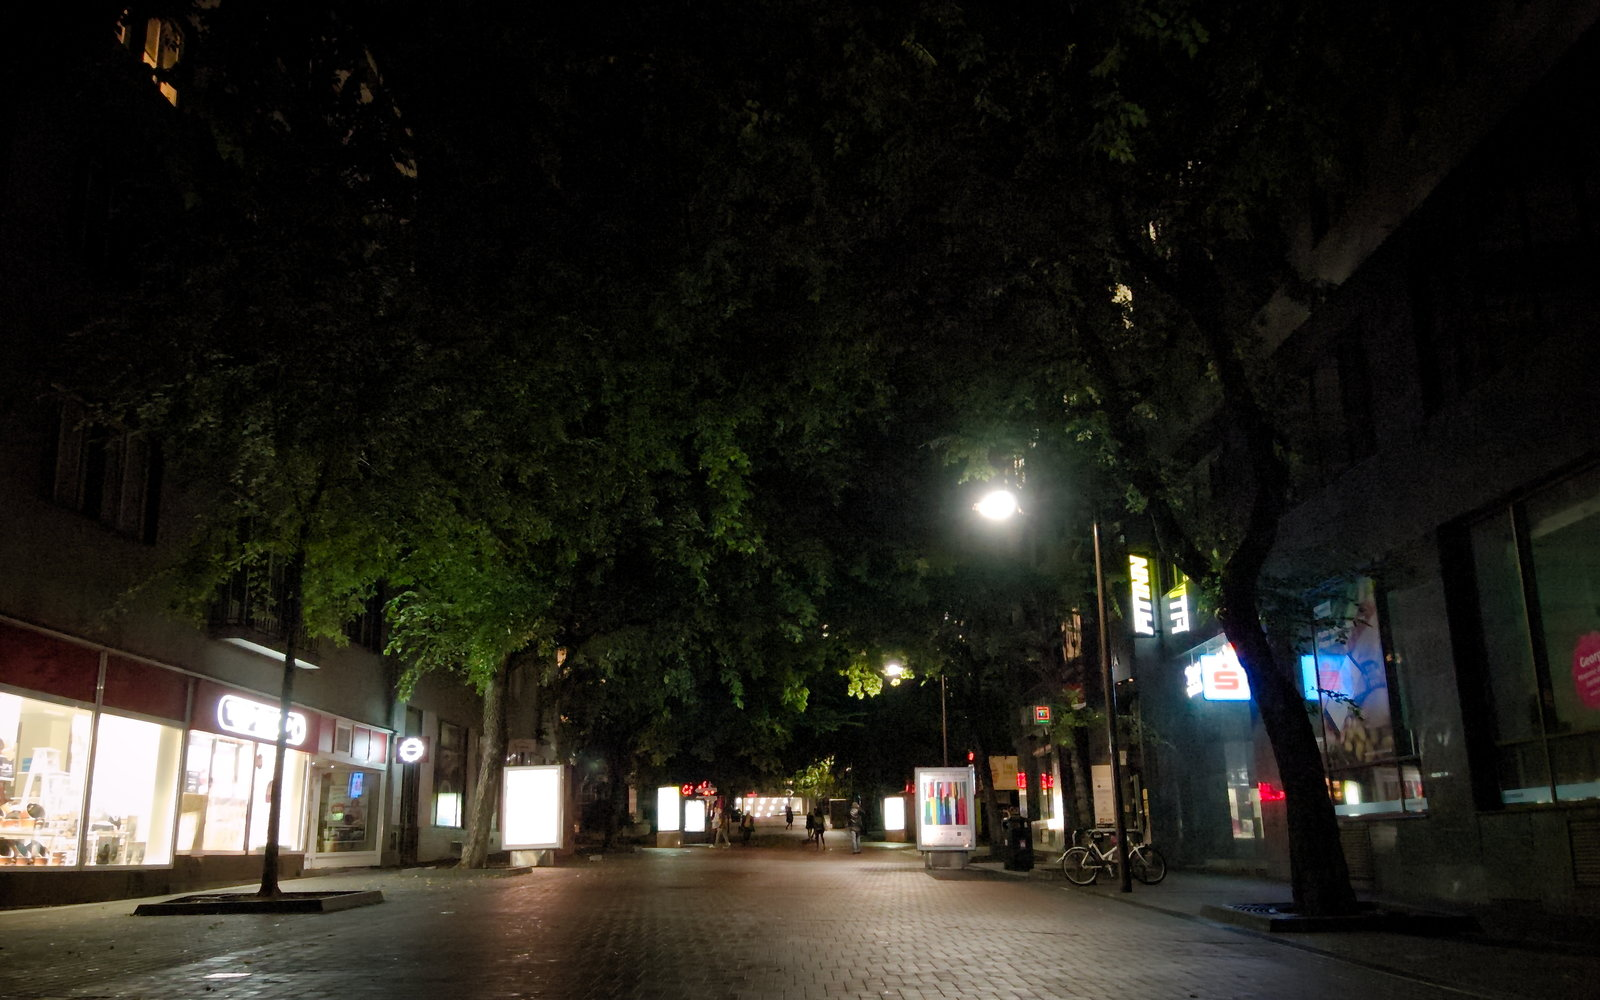 Éjjel, eső után minden belváros ugyanolyan :D